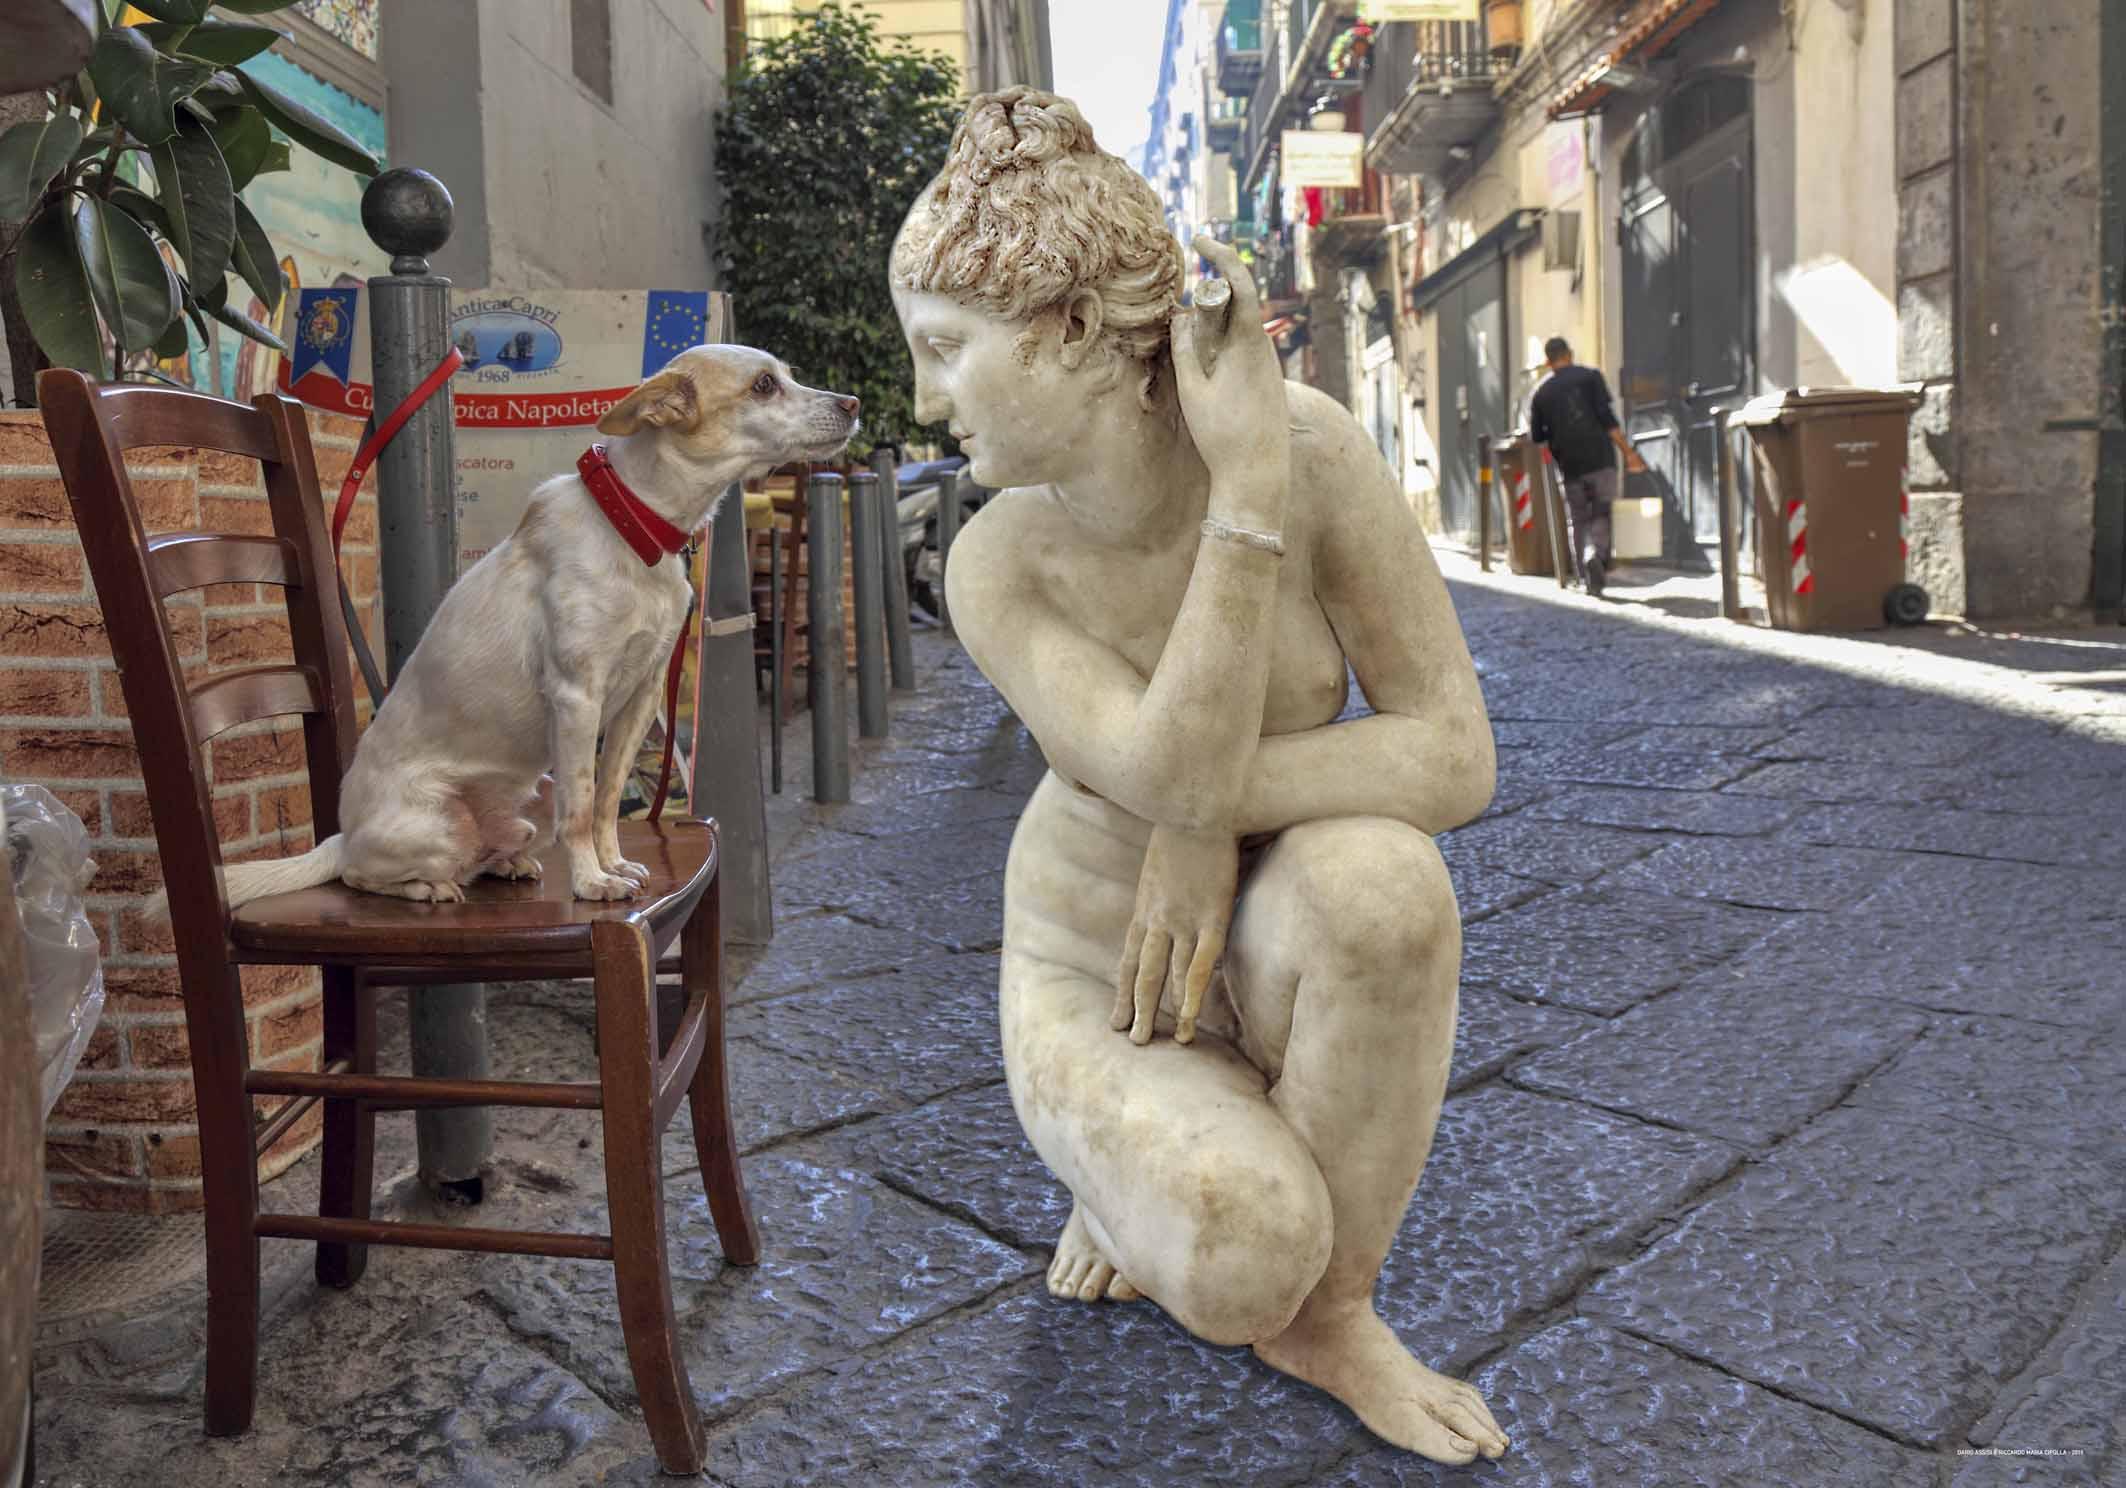 Napoli, il pubblico non può visitare il MANN? E allora è il MANN che va in città, ecco come